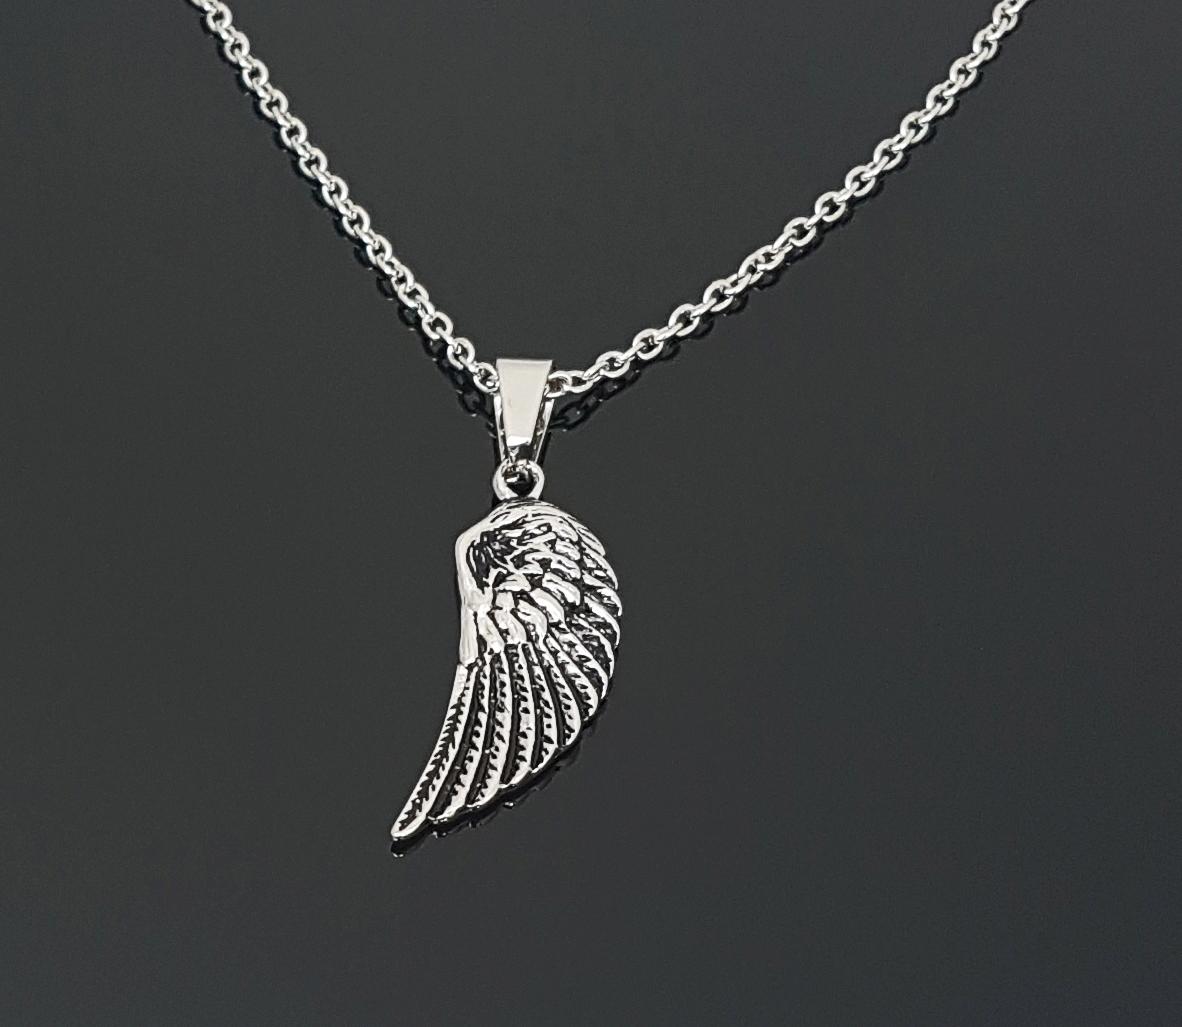 ANJEL-retiazka a prívesok krídlo anjela -chirurgická oceľ - 60cm x 2mm   4x1 80283608ed5